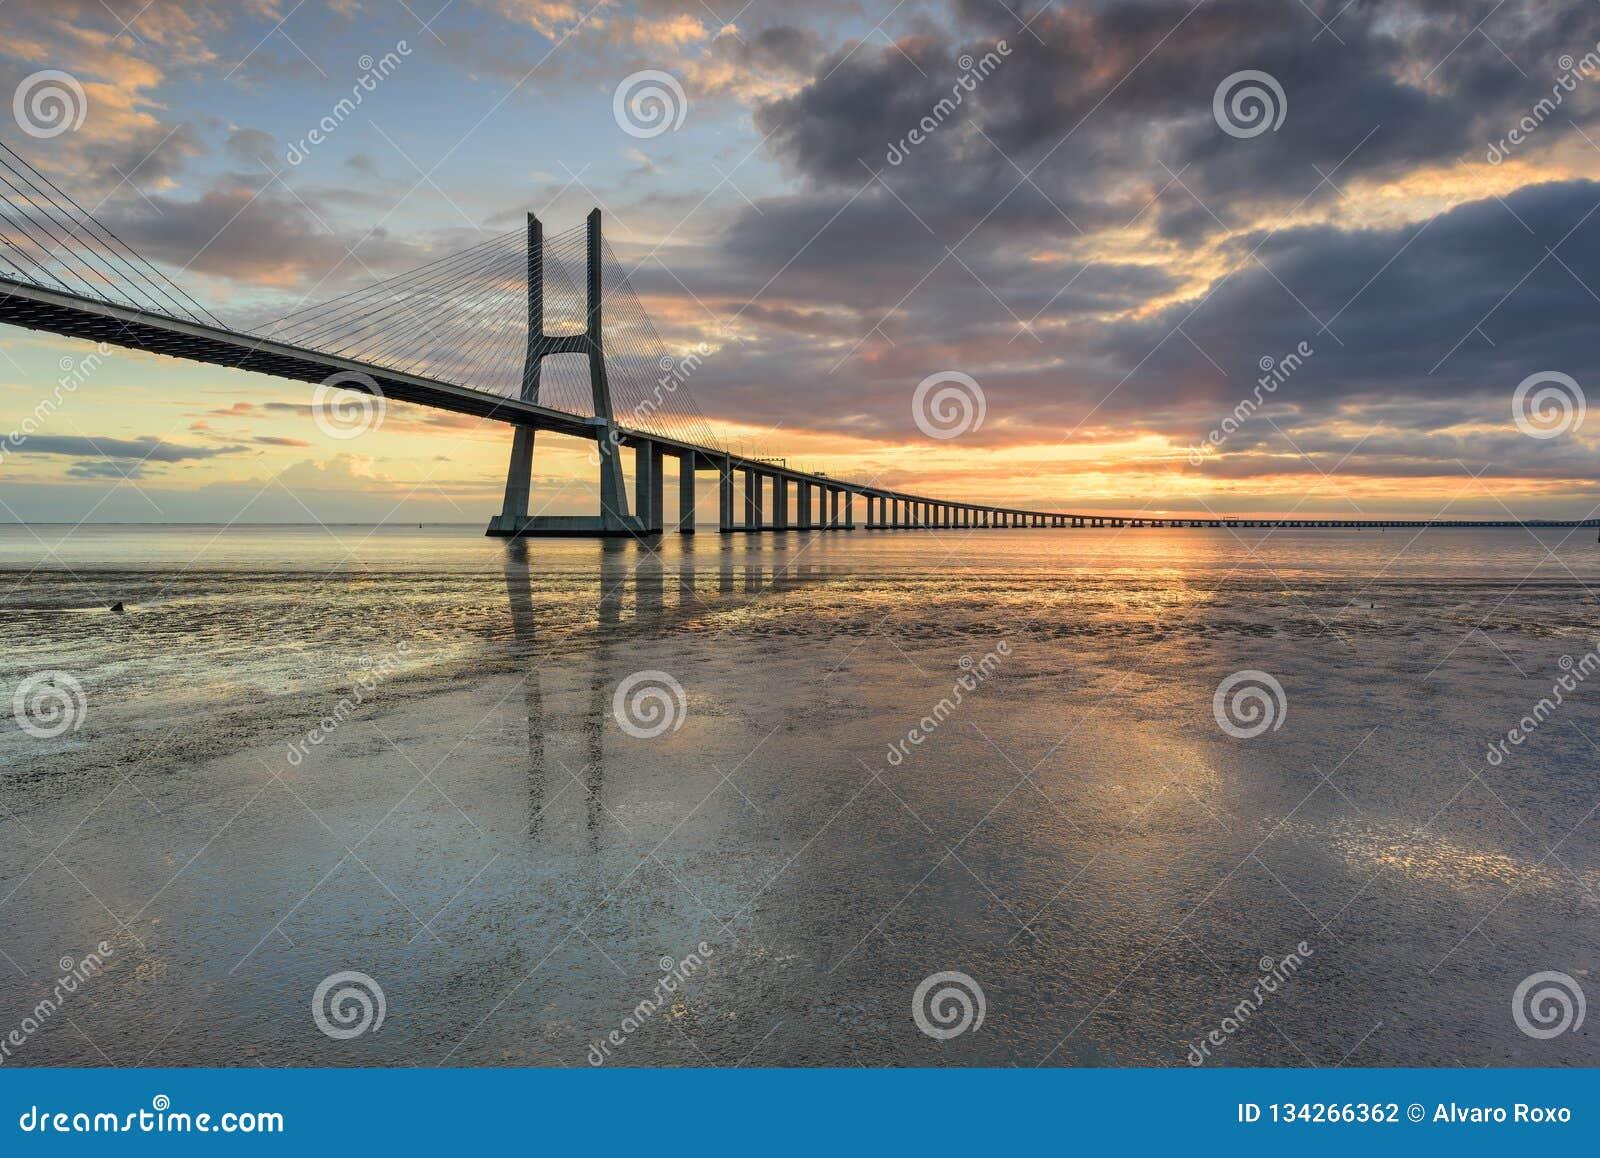 Het oriëntatiepunt van Lissabon Vasco da Gama Bridge-landschap bij zonsopgang